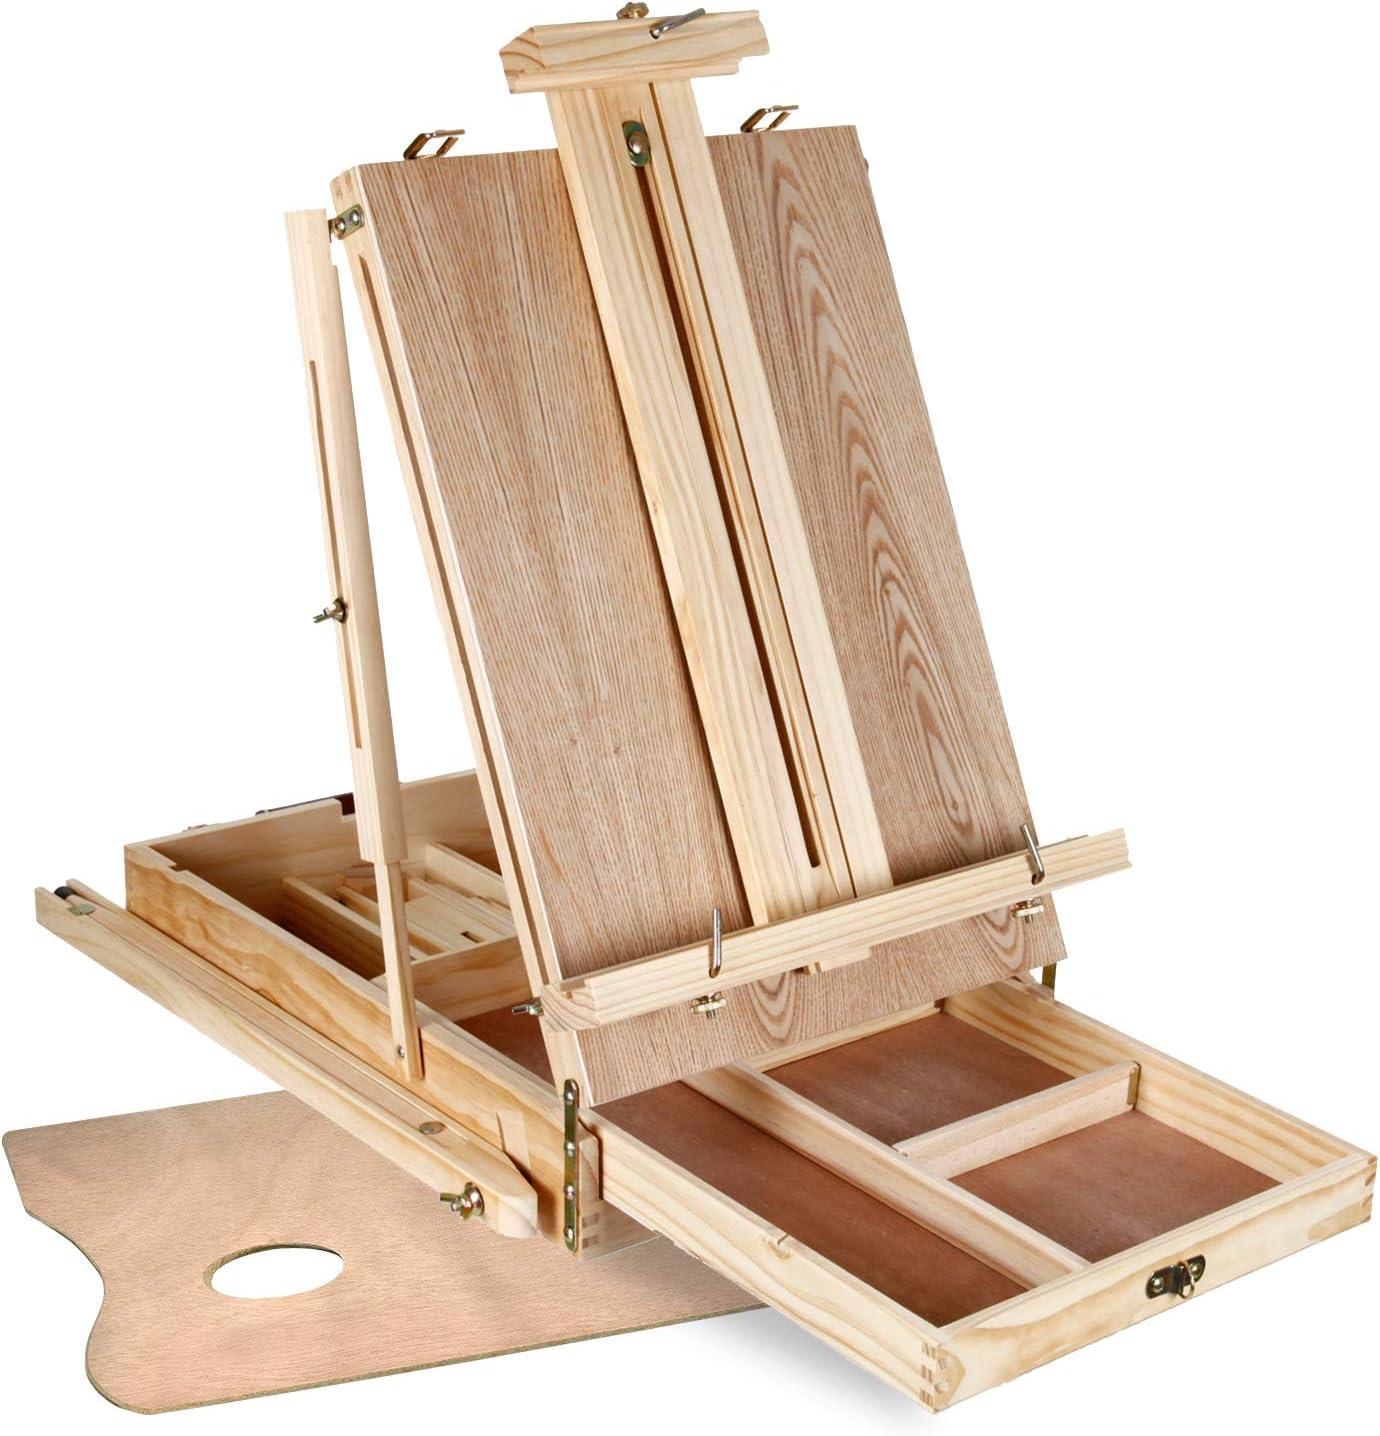 Artina Set di pittura con cavalletto multiuso Madrid in valigetta e set di acquerelli 2 tele 1 tavolozza 1 kit pennelli